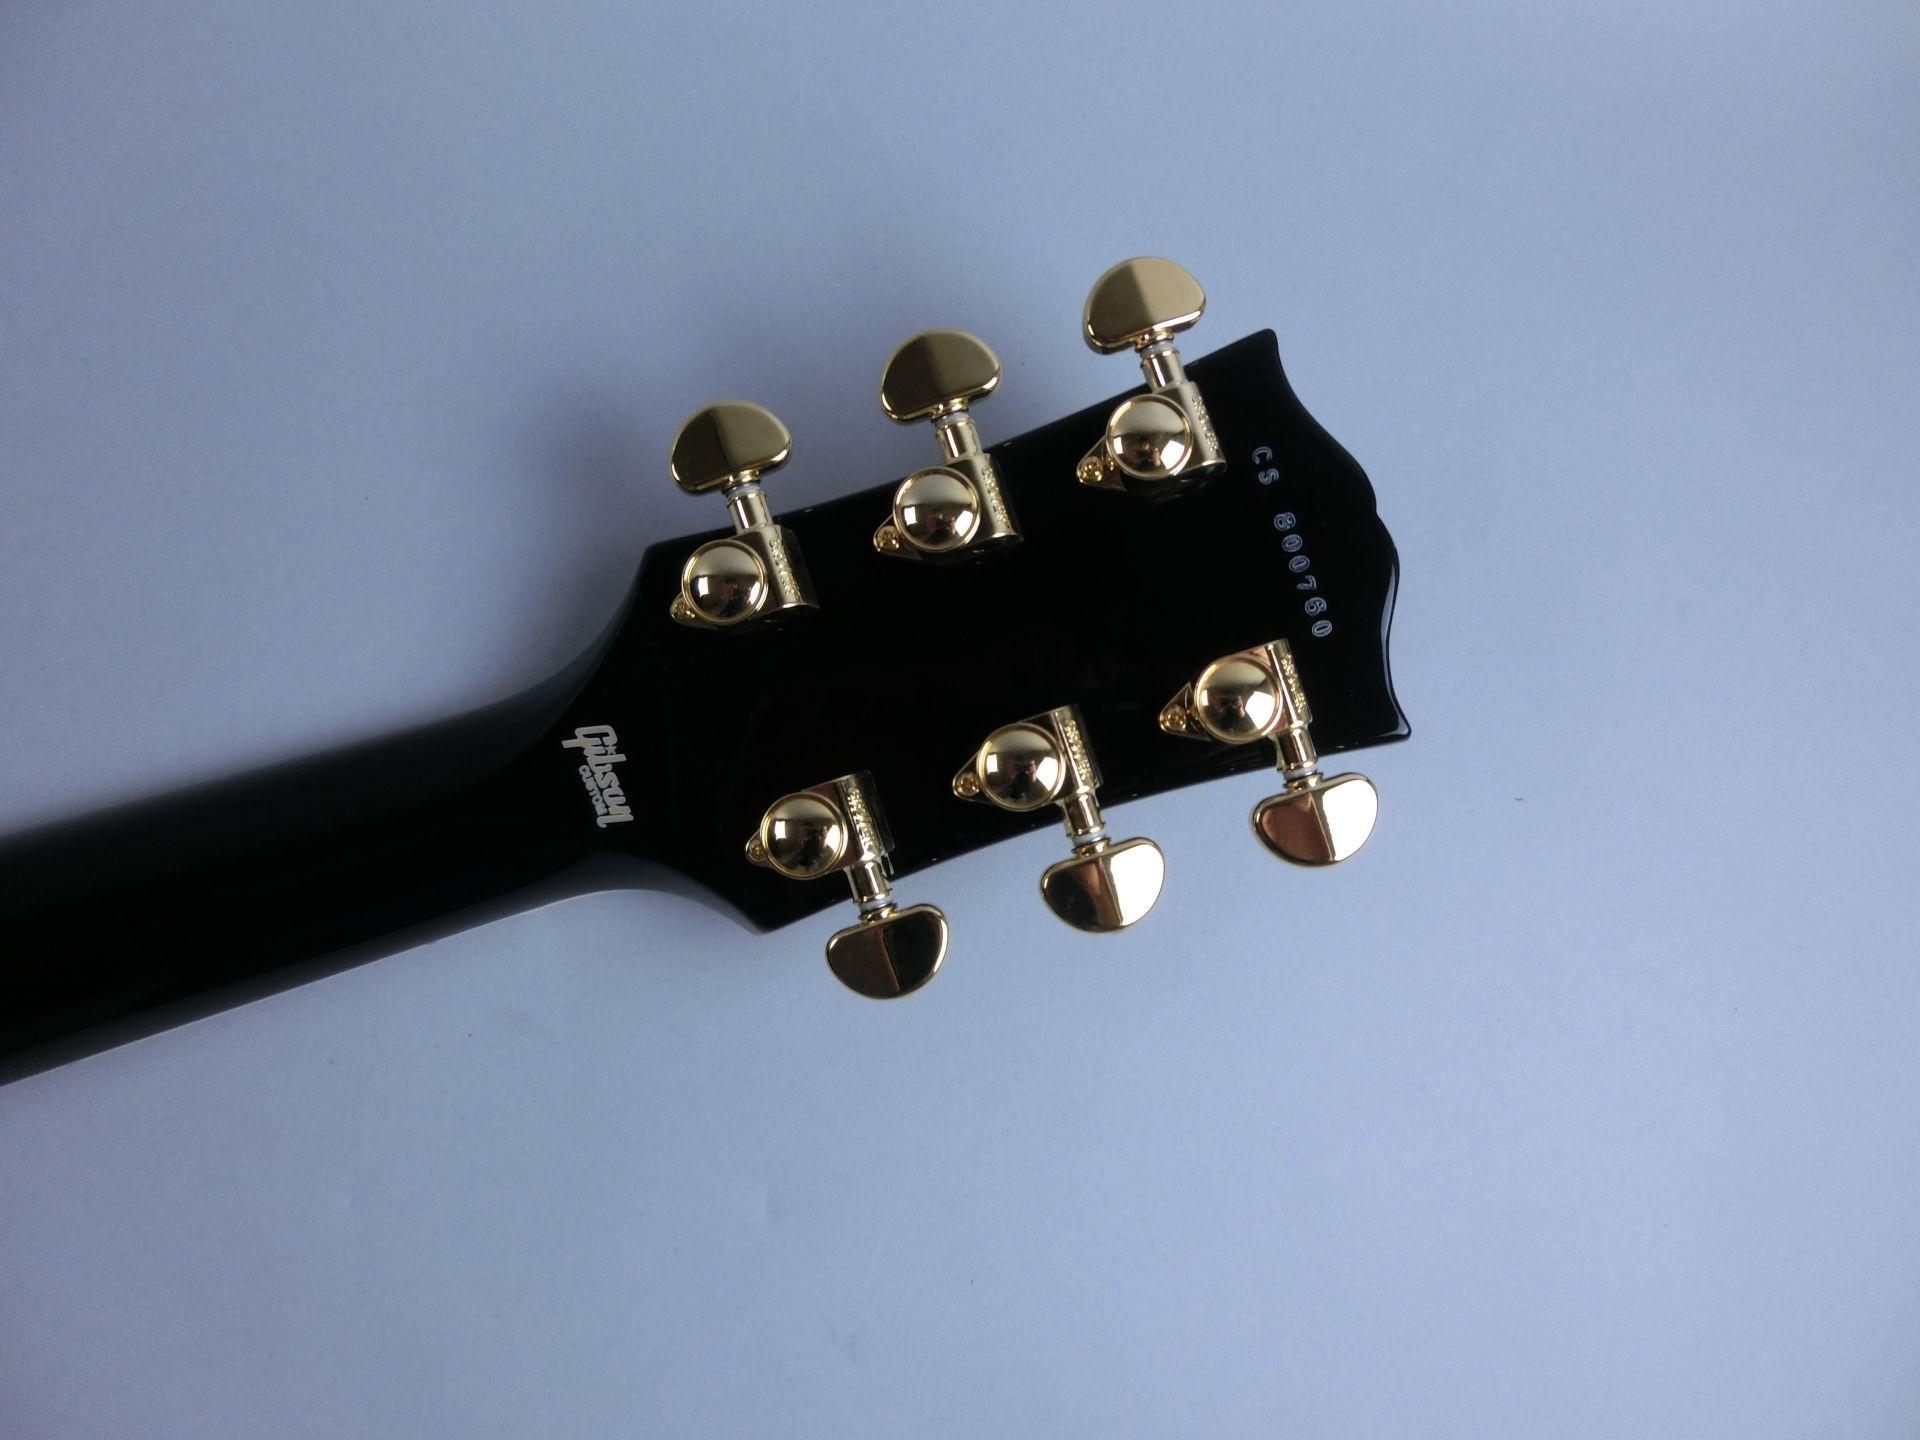 Les Paul Custom Ebony GHのヘッド裏-アップ画像